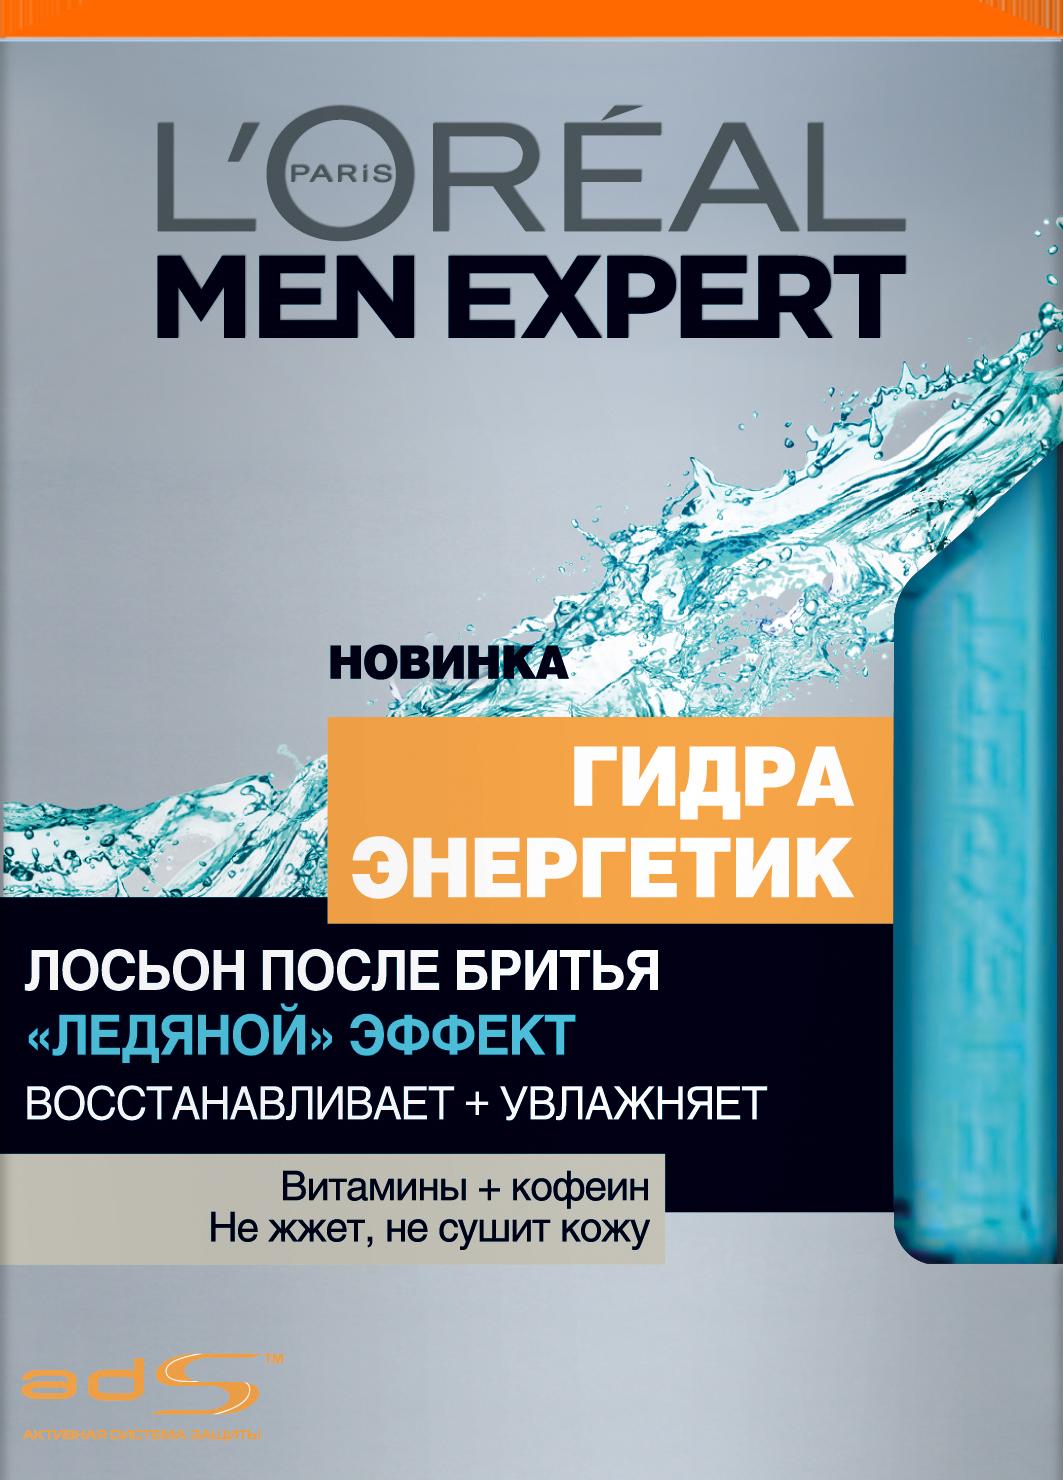 Лосьон после бритья L`Oreal Paris Men Expert Гидра энергетик ледяной эффект 100 мл фото